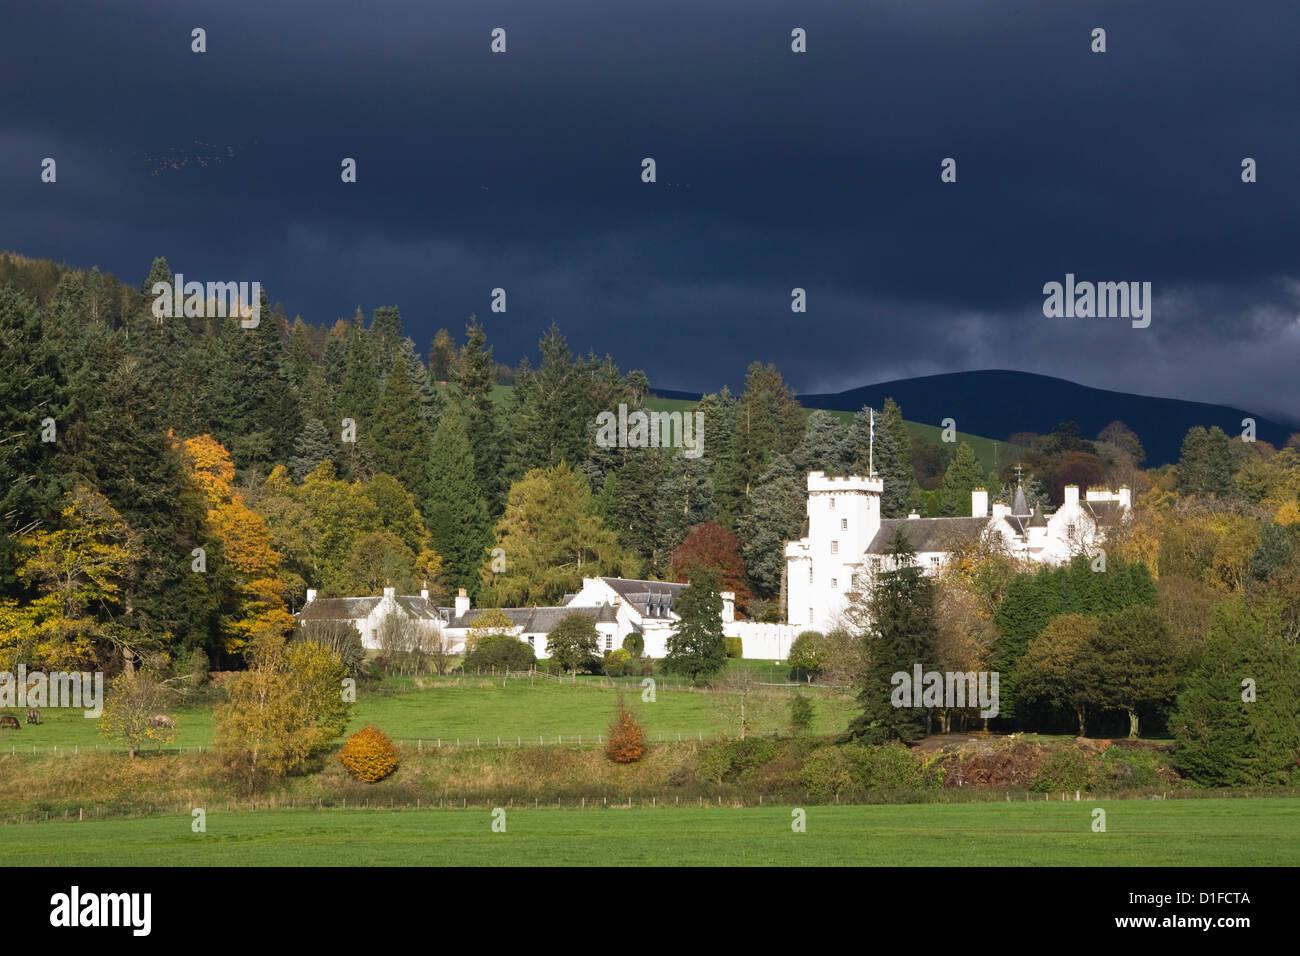 Blair Atholl Castle, Blair Atholl, Perthshire, Scotland, United Kingdom, Europe - Stock Image